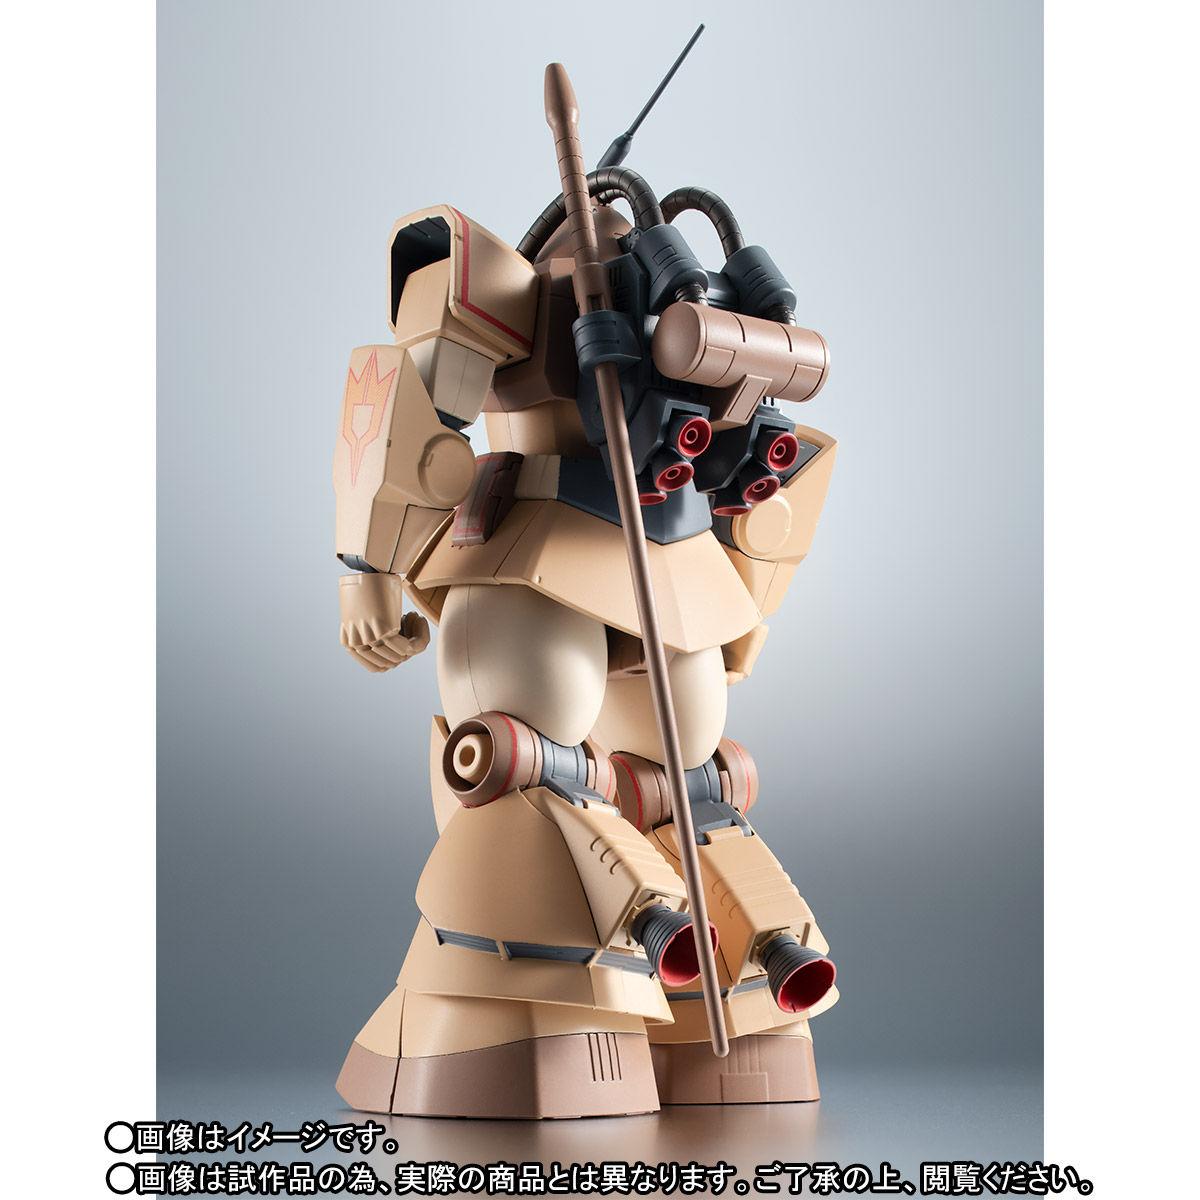 ROBOT魂〈SIDE MS〉『YMS-09D ドム・トロピカルテストタイプ ver. A.N.I.M.E.』ガンダムMSV 可動フィギュア-003